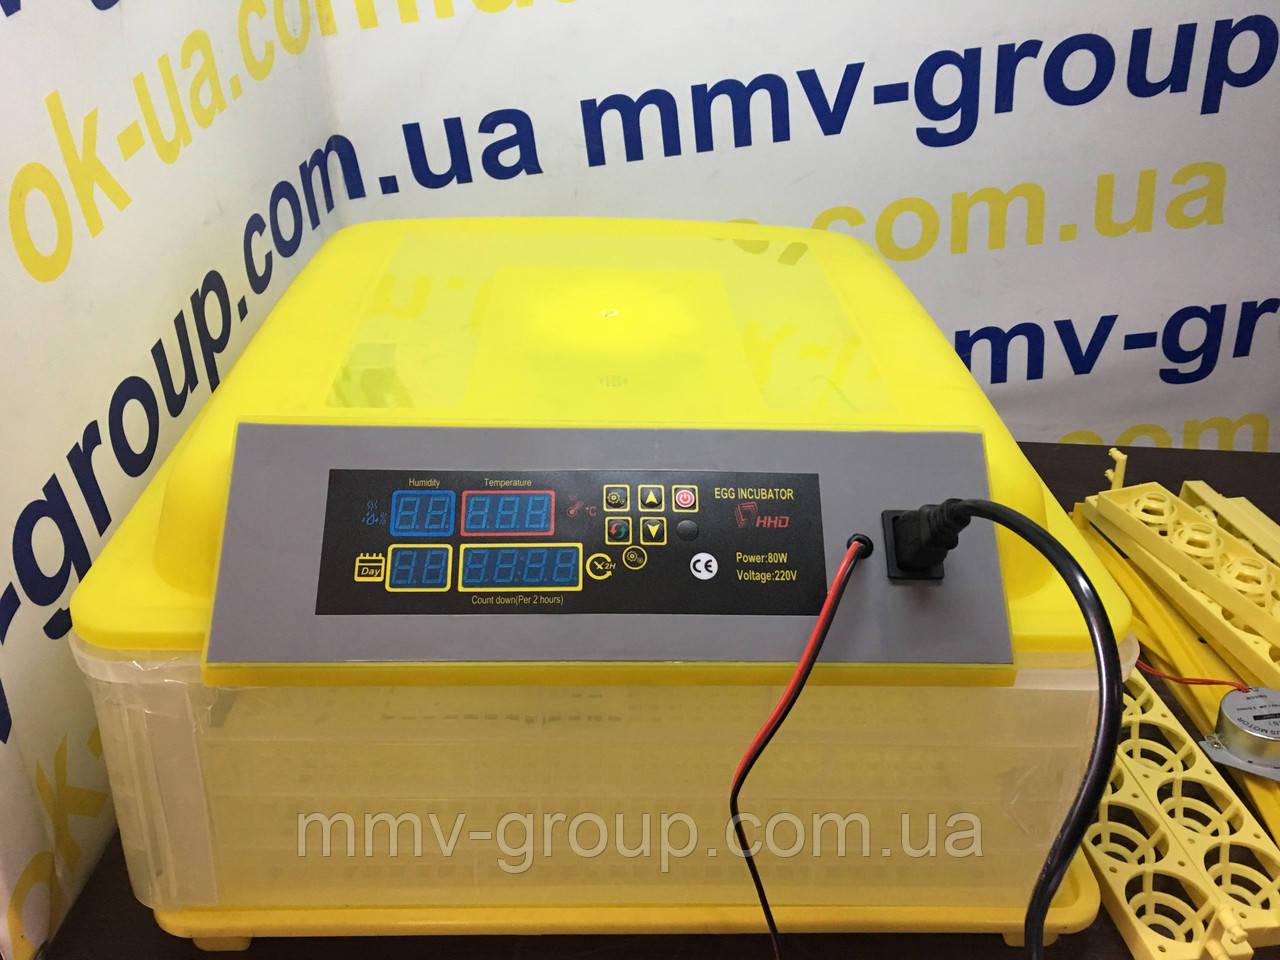 Инкубатор бытовой HHD 96 автомат +12 в резервное питание